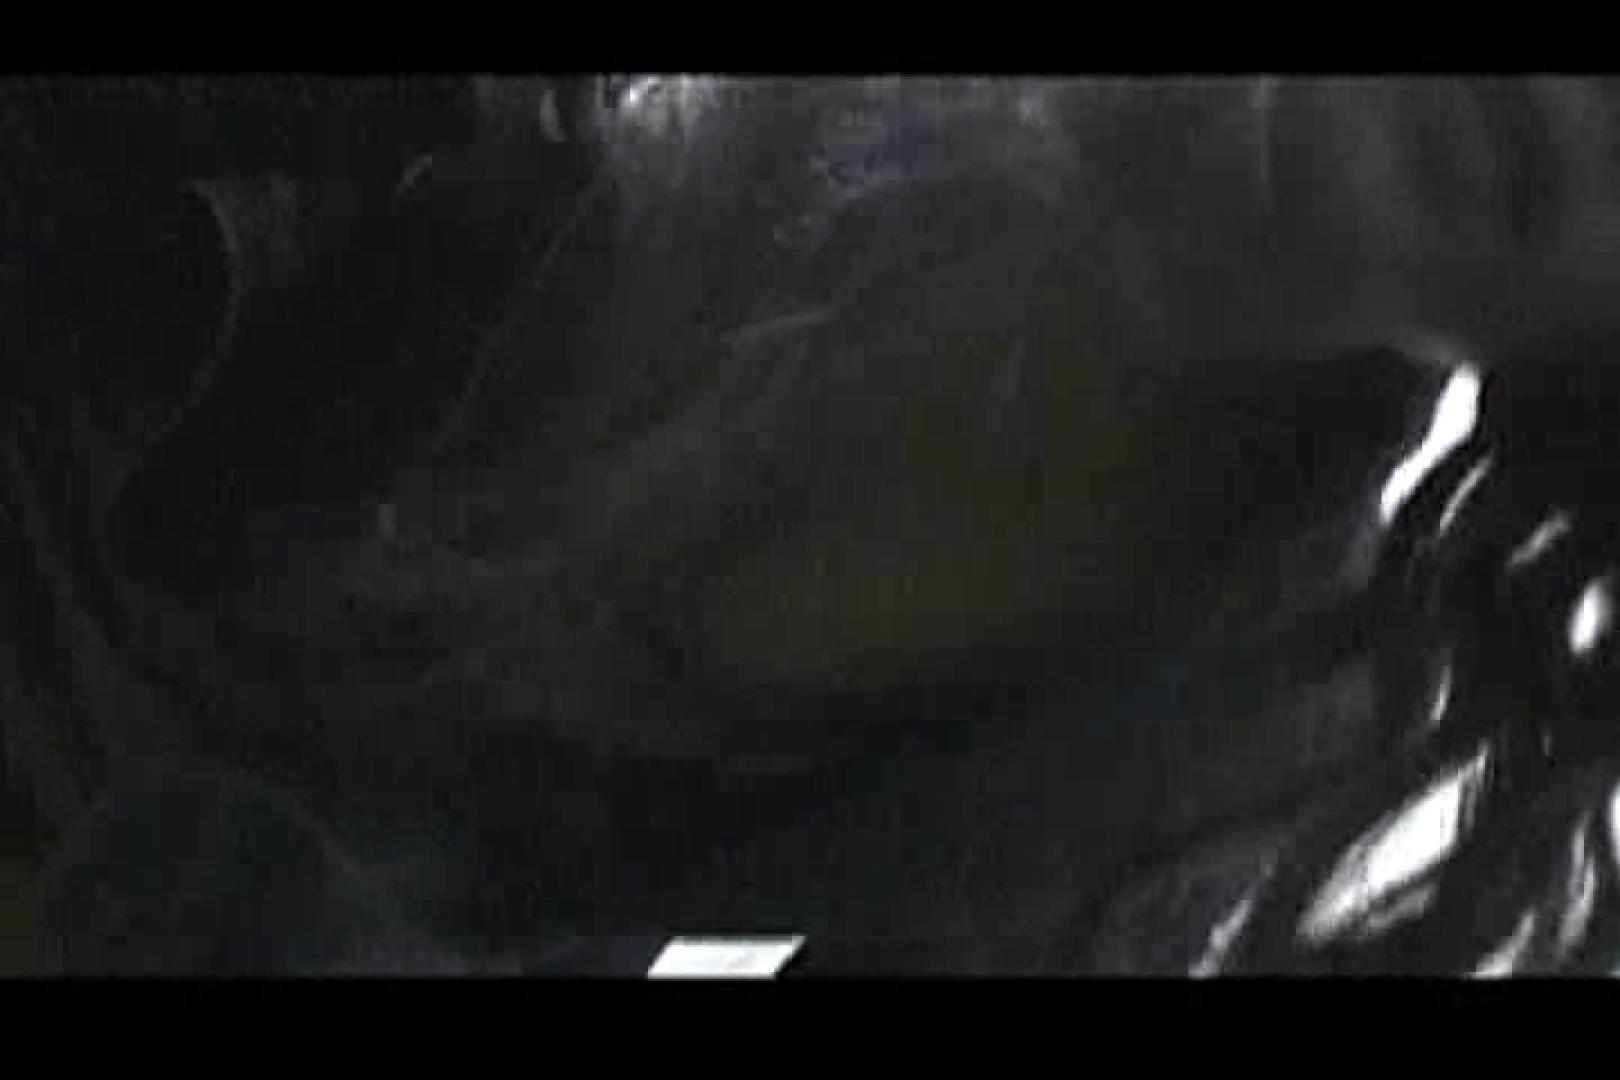 ぶっ掛け電車 只今運行中Vol.6 フェラ おまんこ動画流出 73PICs 65